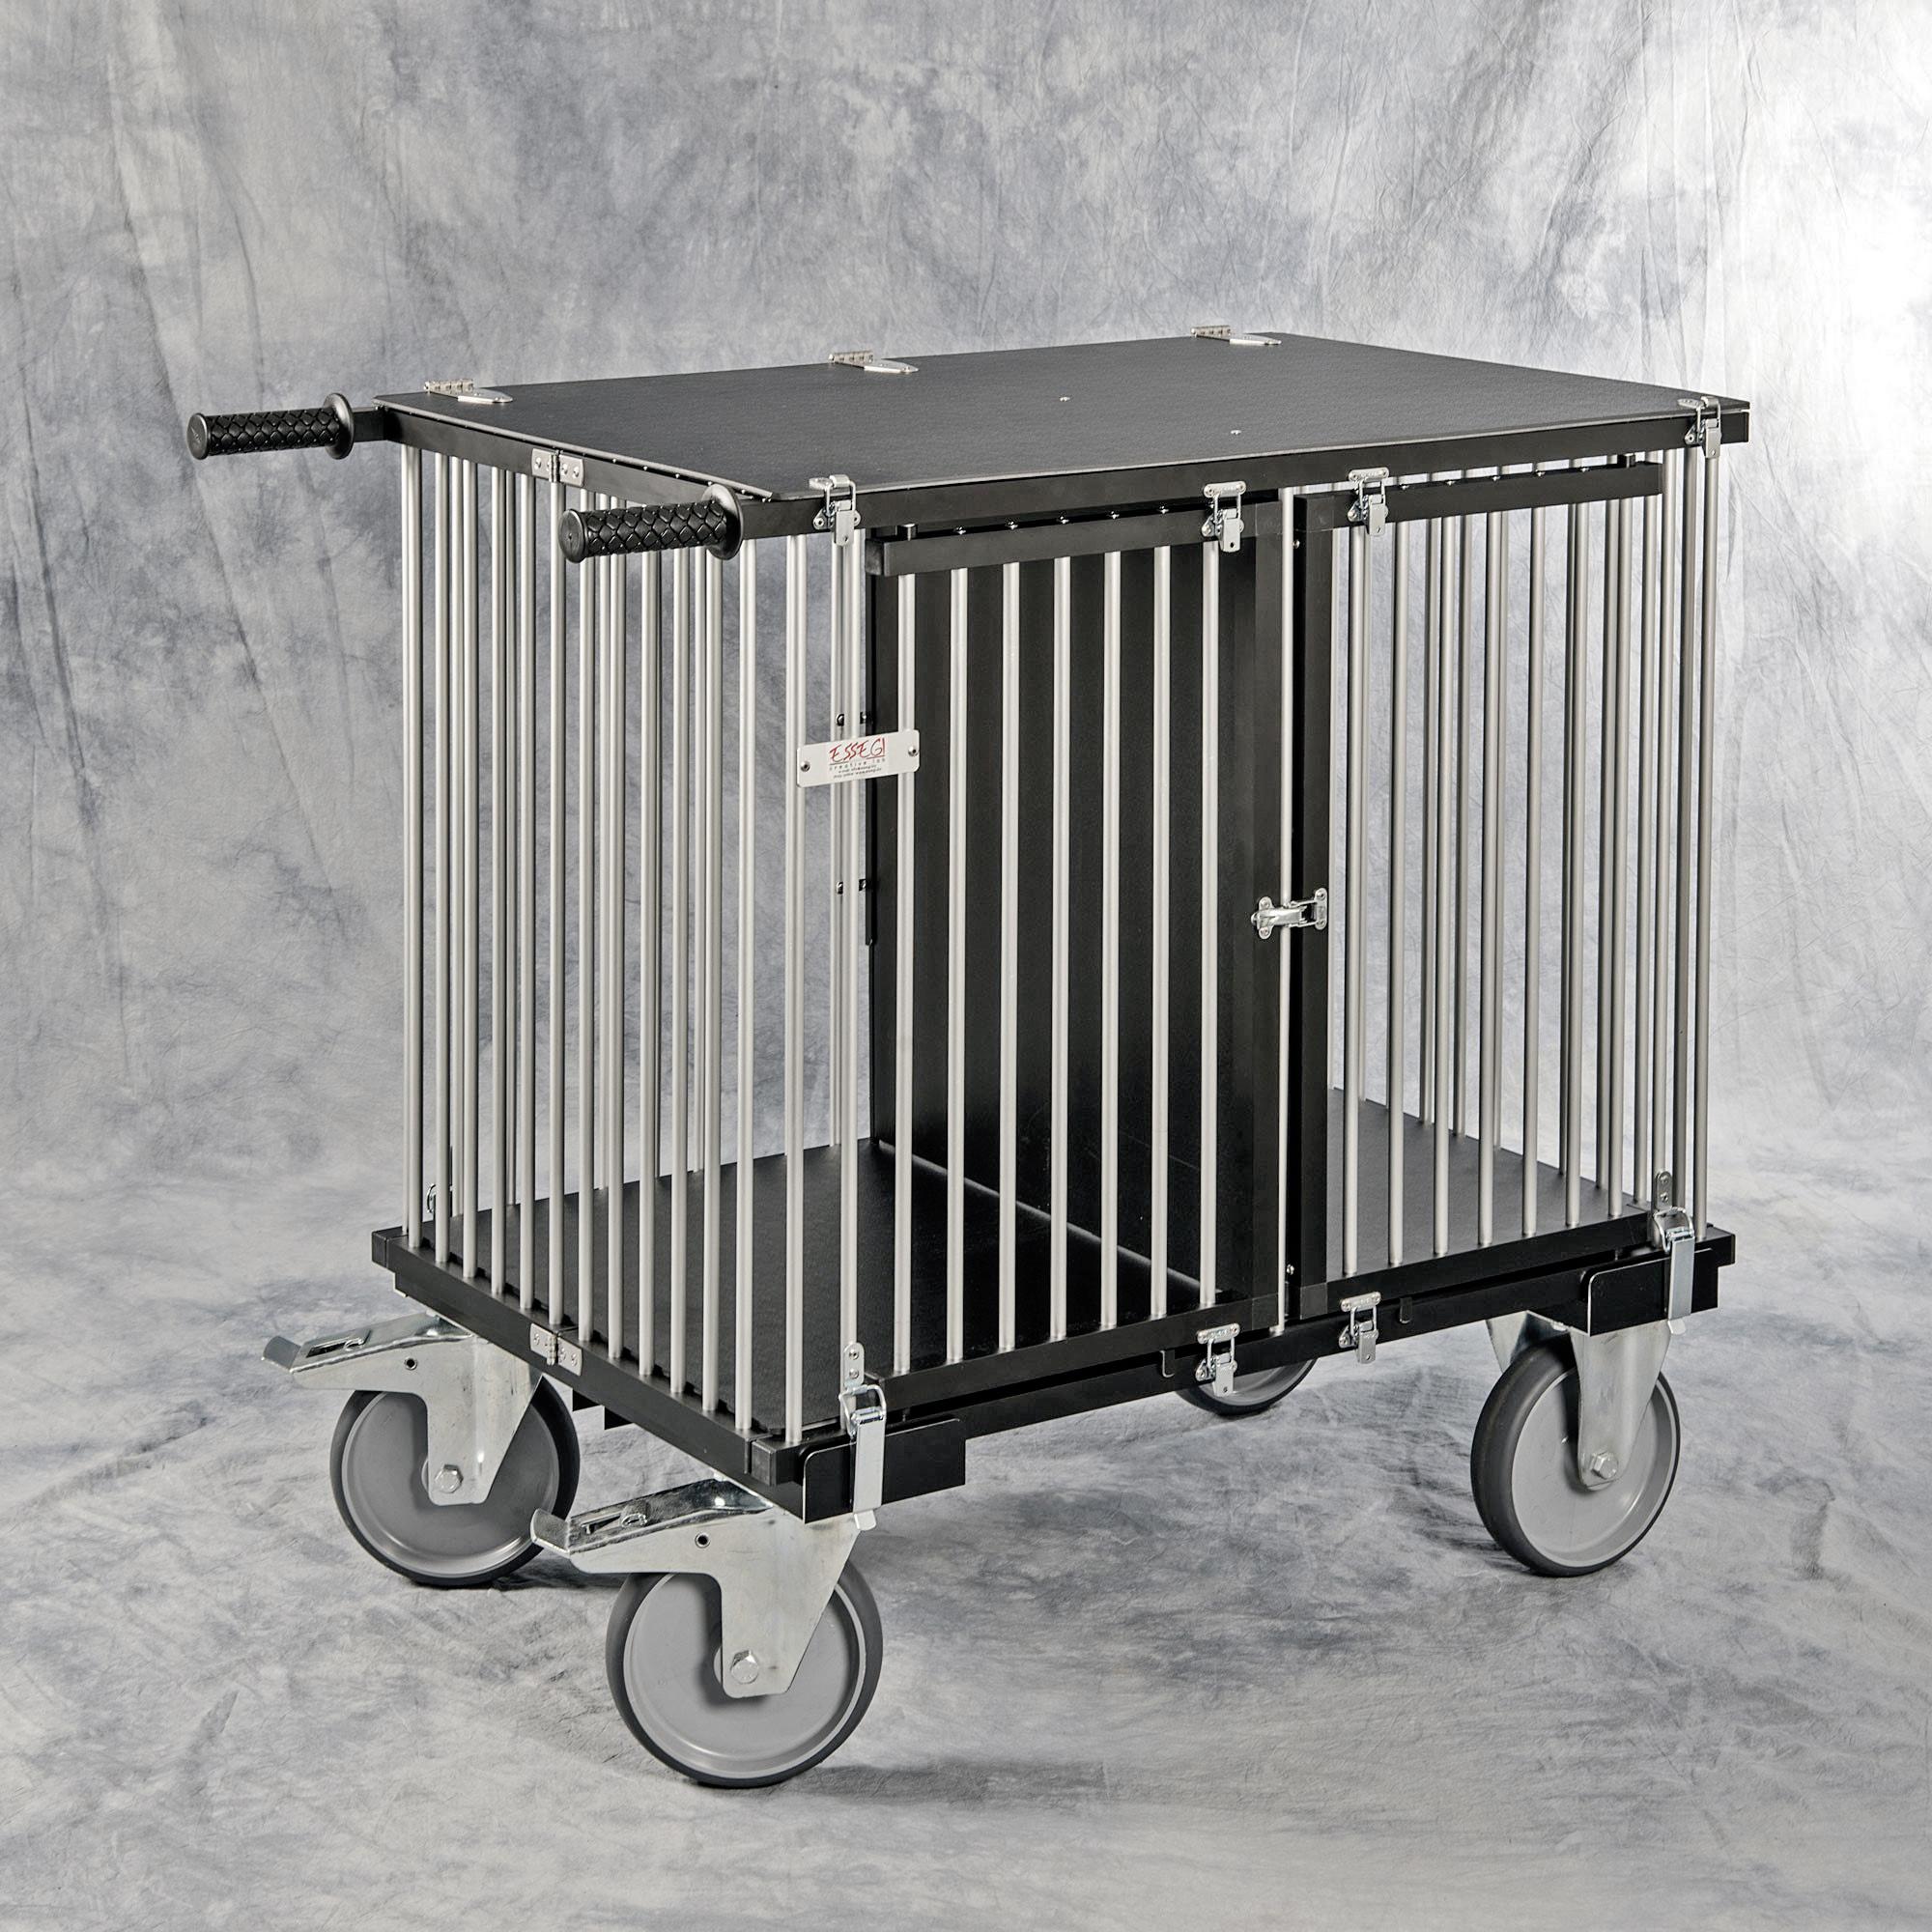 chariot cage alu pliable de luxe 2 cases verticales pour expo